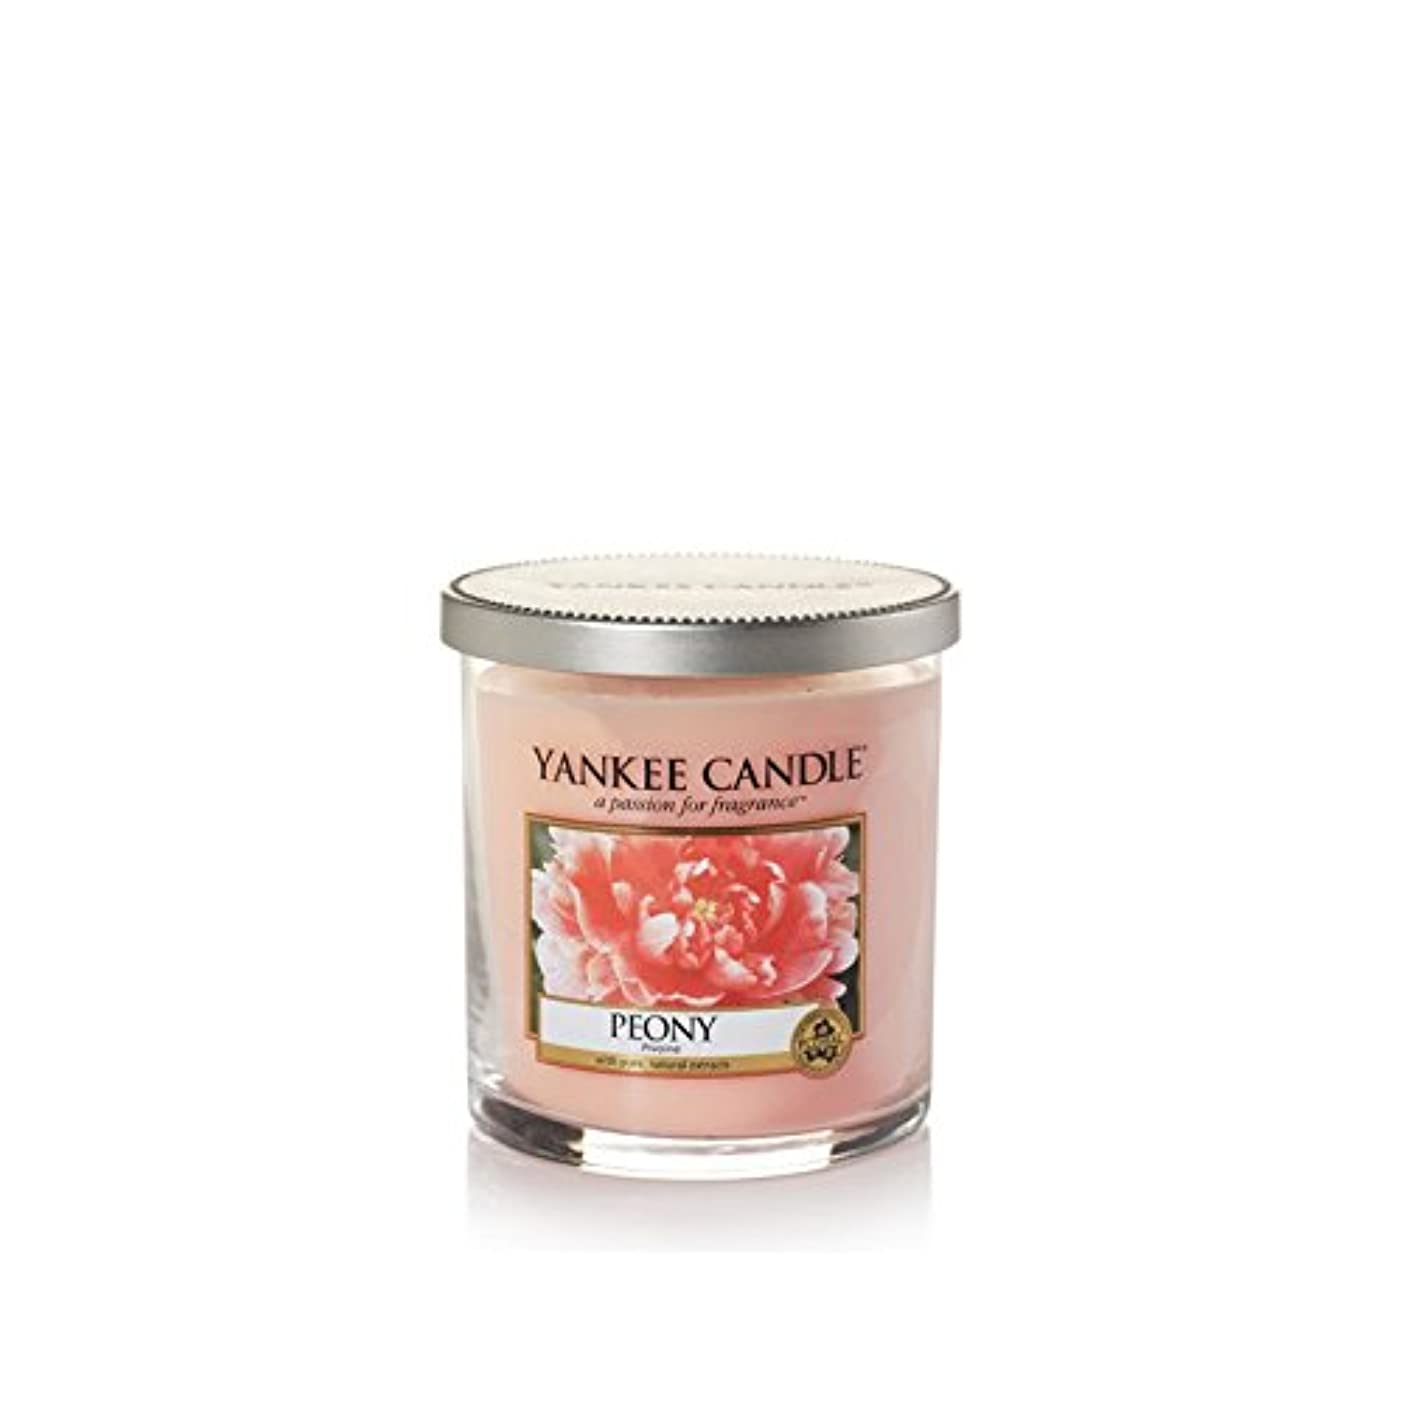 誕生日直径ピースYankee Candles Small Pillar Candle - Peony (Pack of 6) - ヤンキーキャンドルの小さな柱キャンドル - 牡丹 (x6) [並行輸入品]